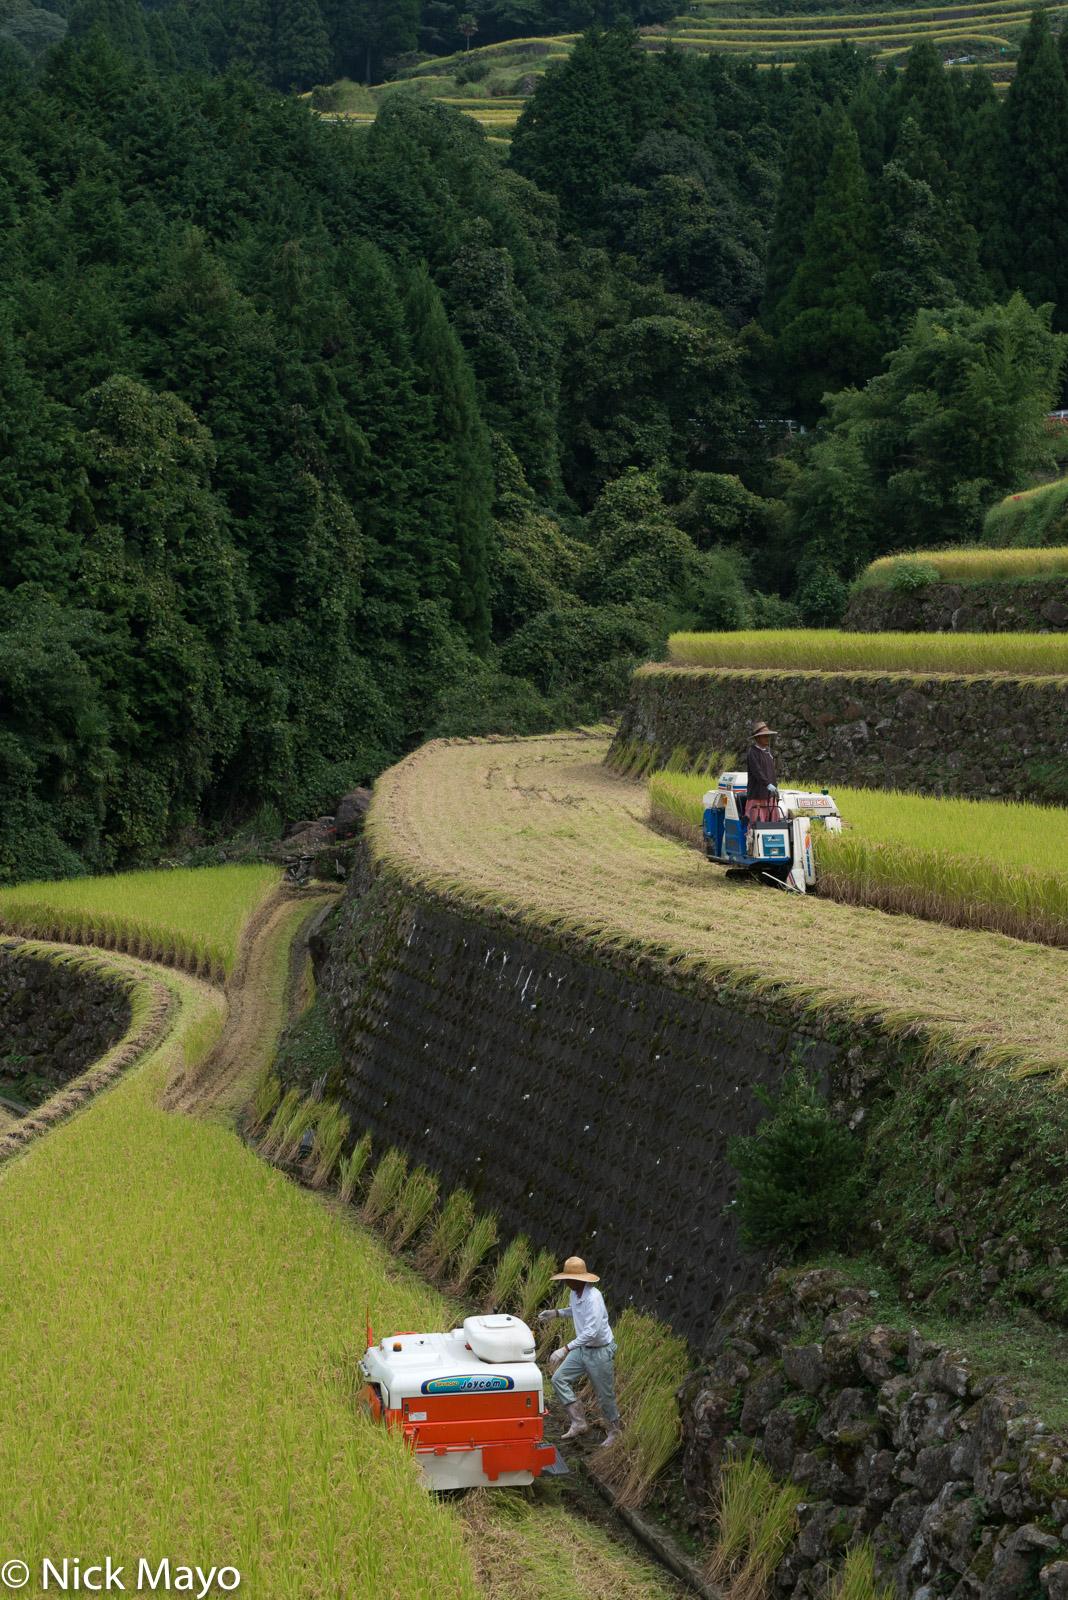 Harvesting, Japan, Kyushu, Paddy, photo